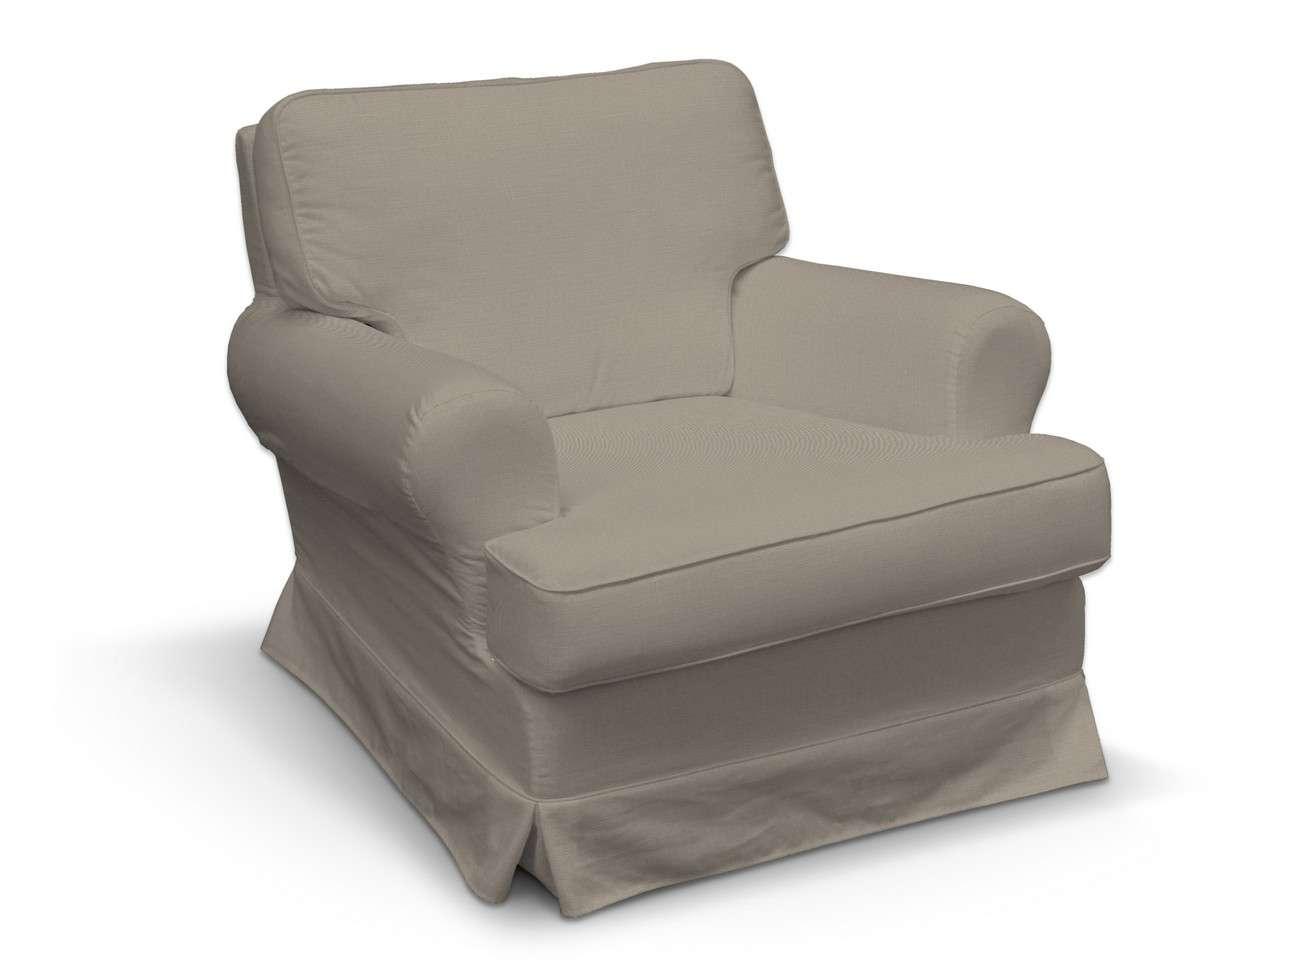 Bezug für Barkaby Sessel von der Kollektion Living, Stoff: 161-53